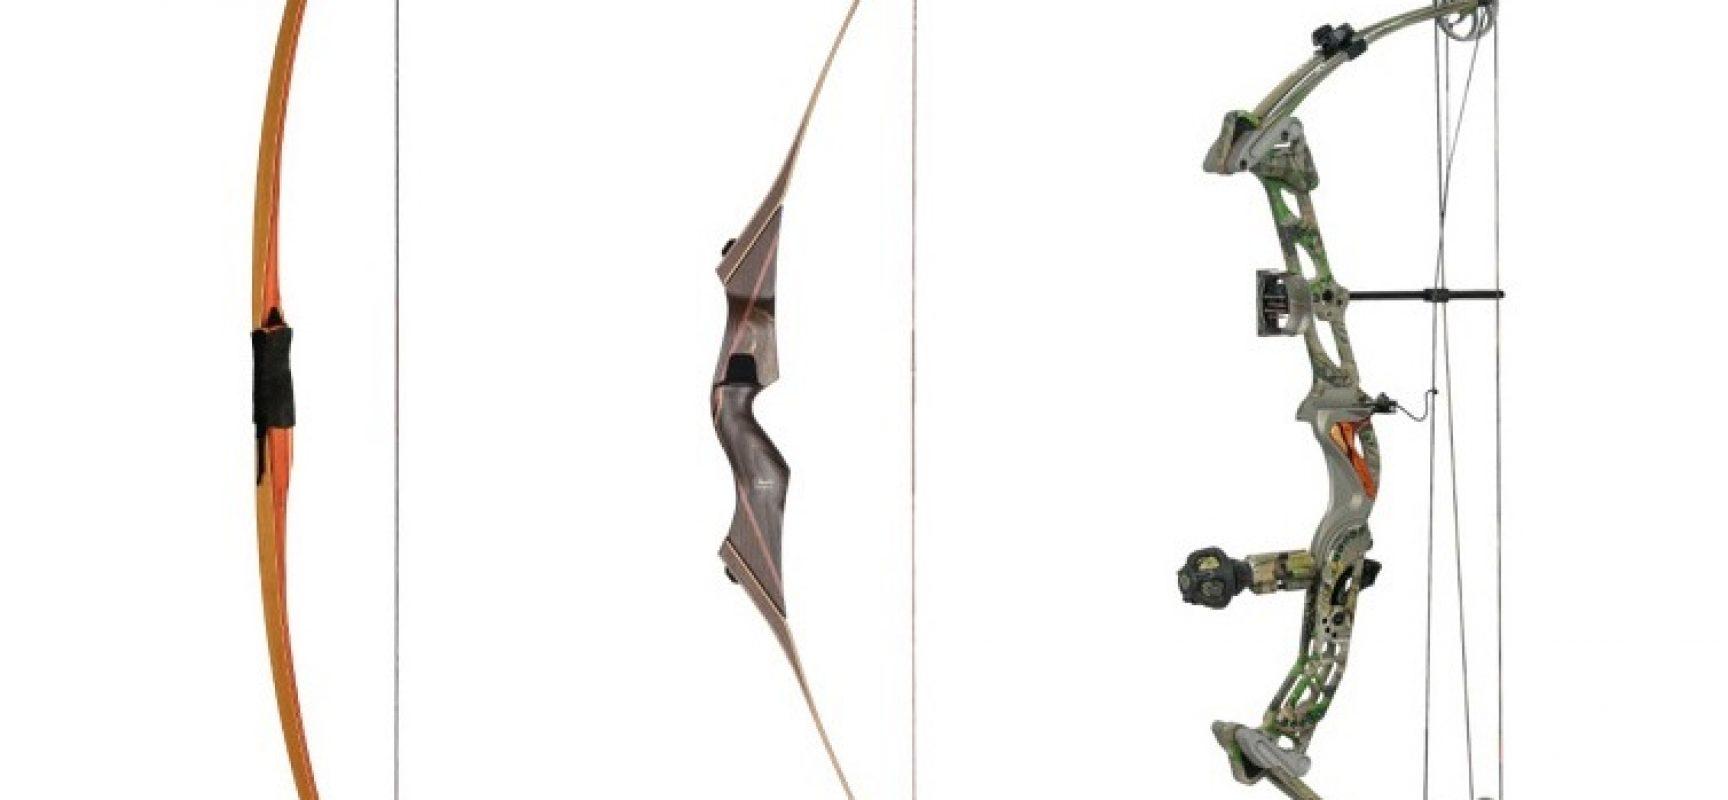 Αποτελέσματα  Αγώνα ΚΧ Β' Κατηγορίας Ολυμπιακού & Σύνθετου Α-Γ/ΝΑ-ΝΓ/Ε & Αναπτυξιακός Α-Γ OAKA 09/12/17